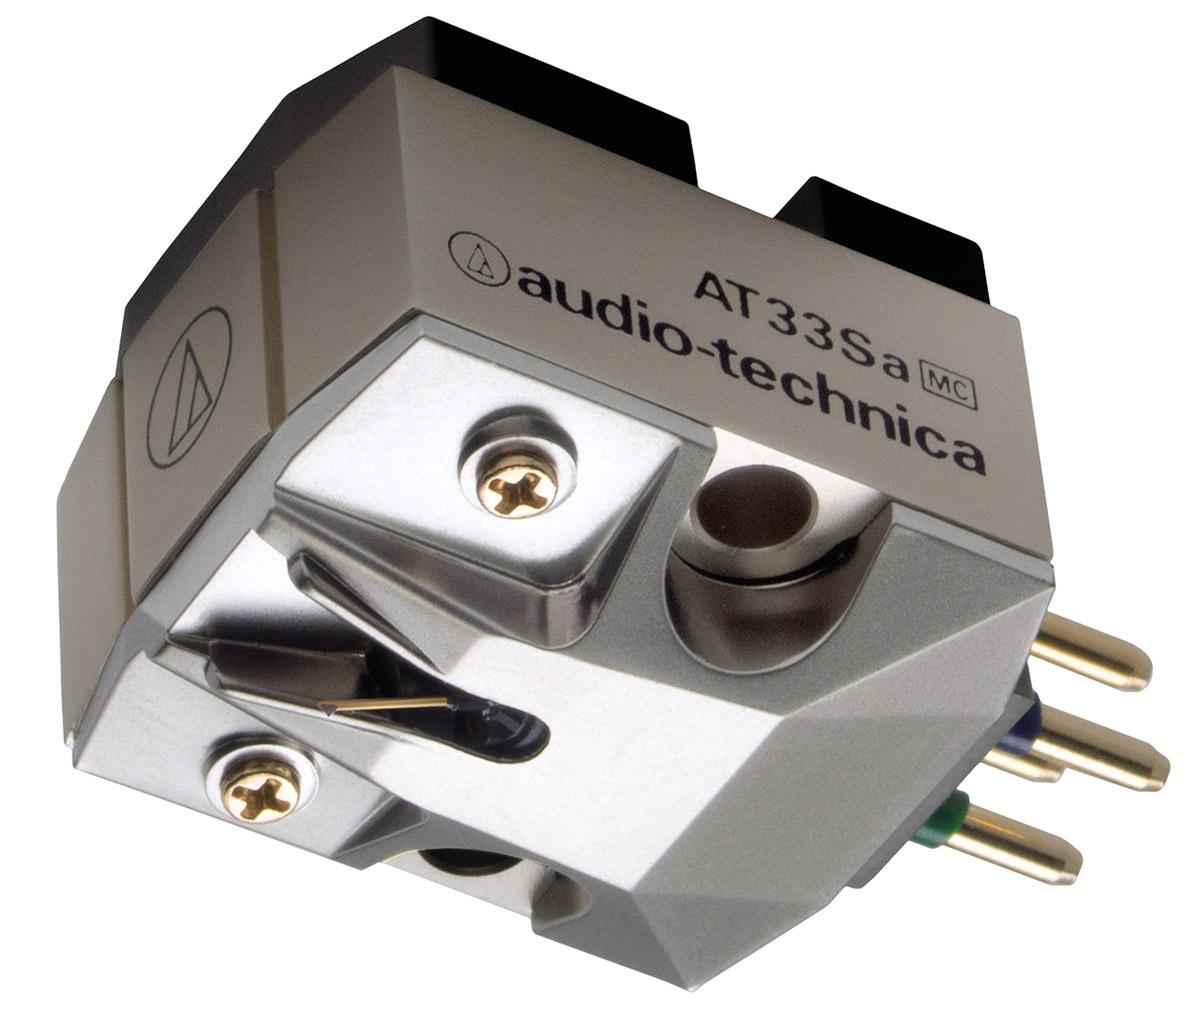 Audio-Technica AT33Sa головка звукоснимателя15118110Audio-Technica AT33Sa - первый картридж от компании, в котором используется игла Shibata. Как у всех моделей серии AT33 в данном картридже используются две подвижные катушки, а игла устанавливается на кантилевер из цельного бора, который обеспечивает точную передачу аудиосигнала от кончика иглы к катушкам электромагнитного преобразователя. Неодимовые магниты и пермендюрные сердечники позволяют максимально устранять шумы и передавать низкие частоты с необычайным качеством. Модель также превосходно воспроизводит высокие частоты и выделяется богатым средним диапазоном и детализацией.